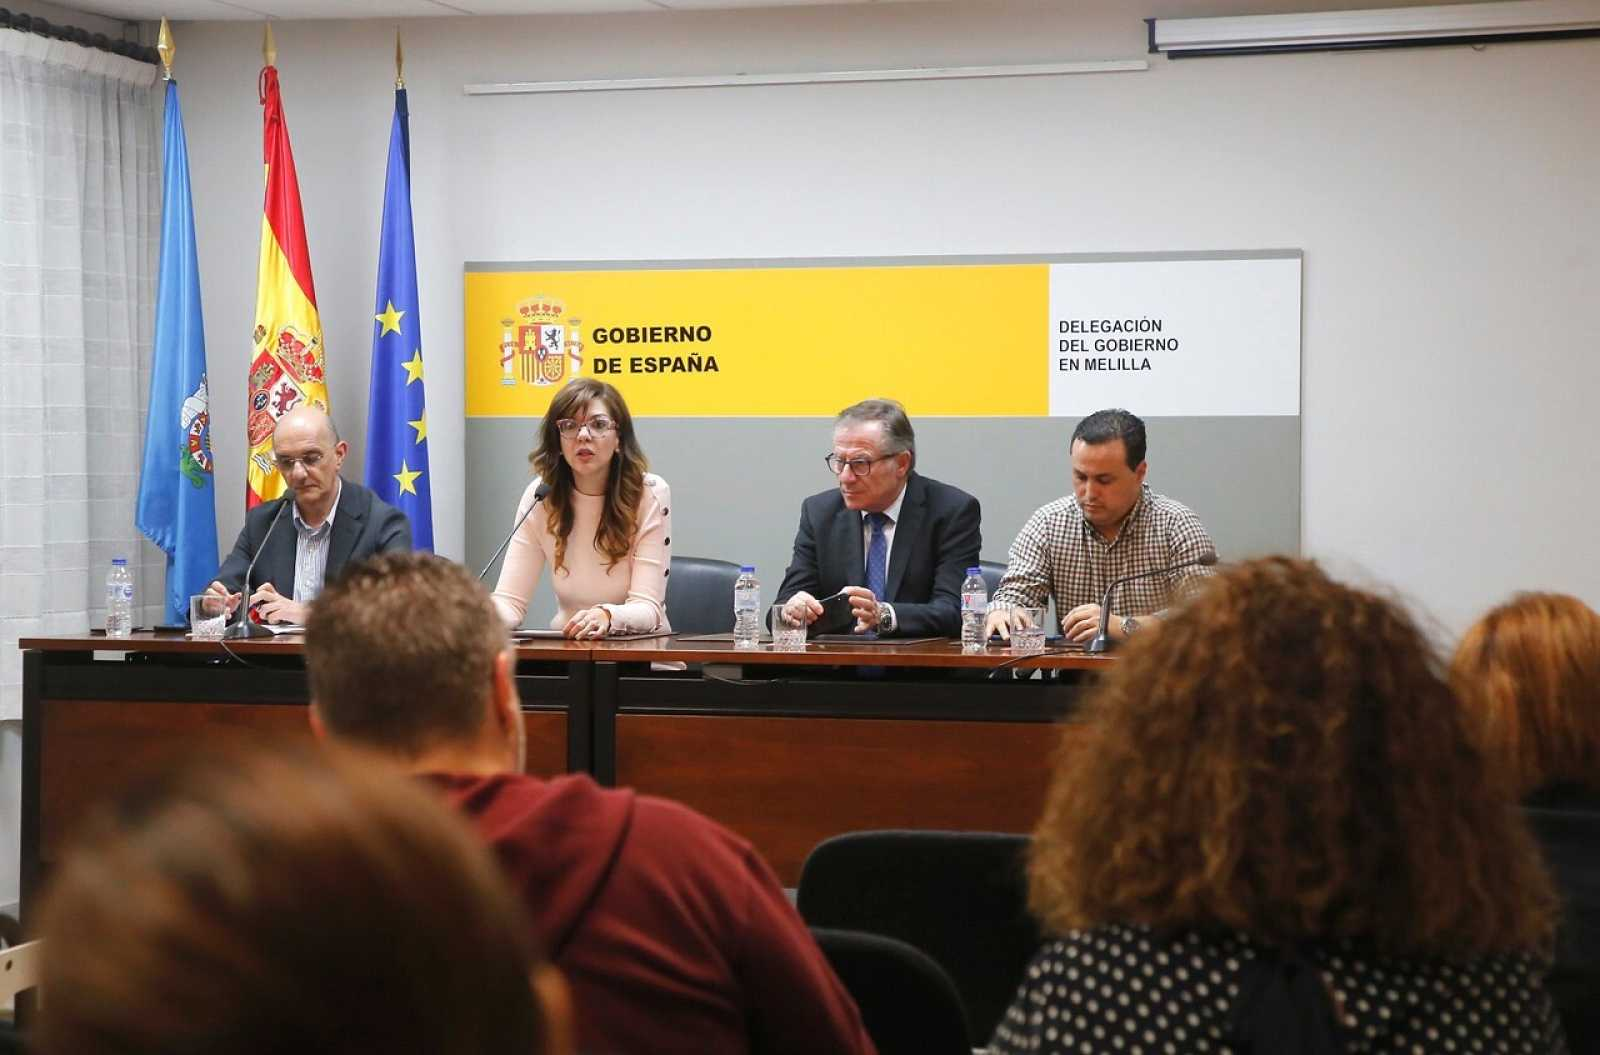 El Gobierno prohíbe a partir de medianoche los viajes entre Ceuta y Melilla y el resto del territorio nacional